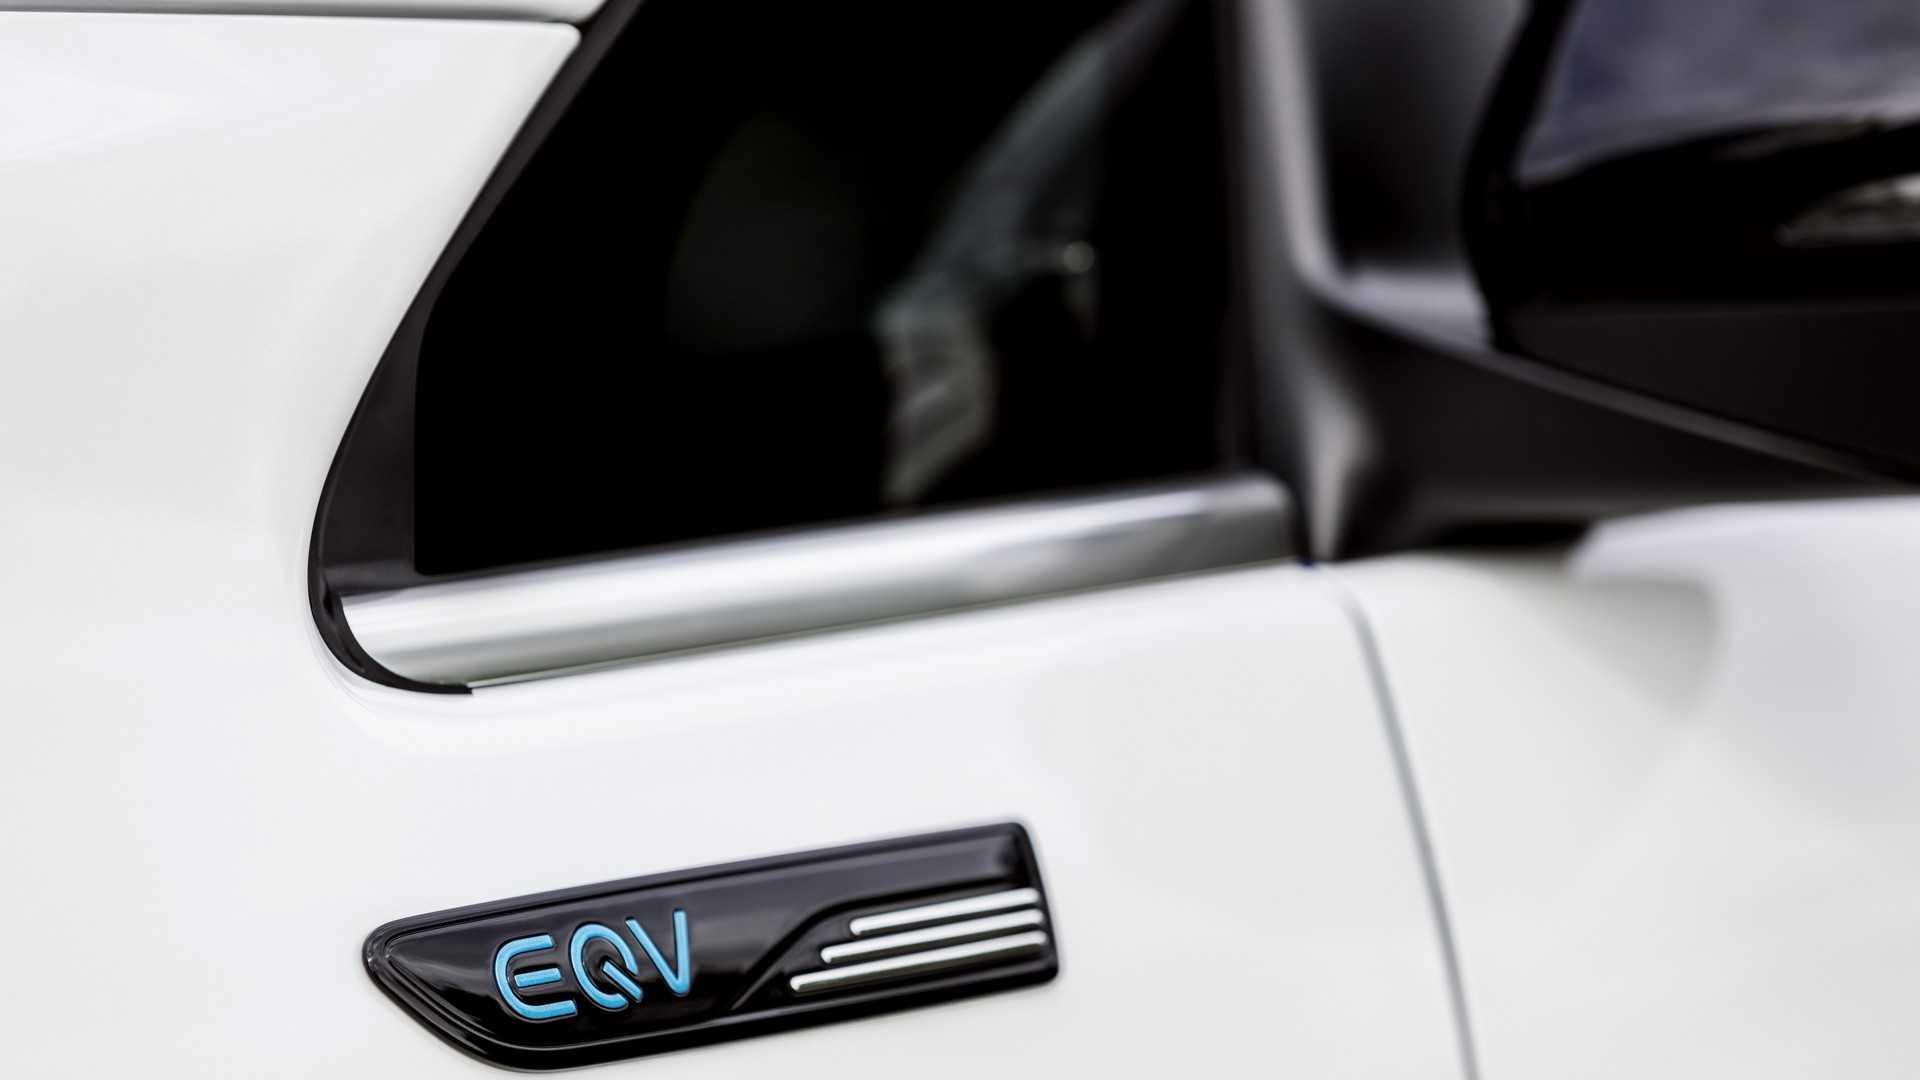 纯电续航343km 奔驰EQV公布售价为70,665英镑起